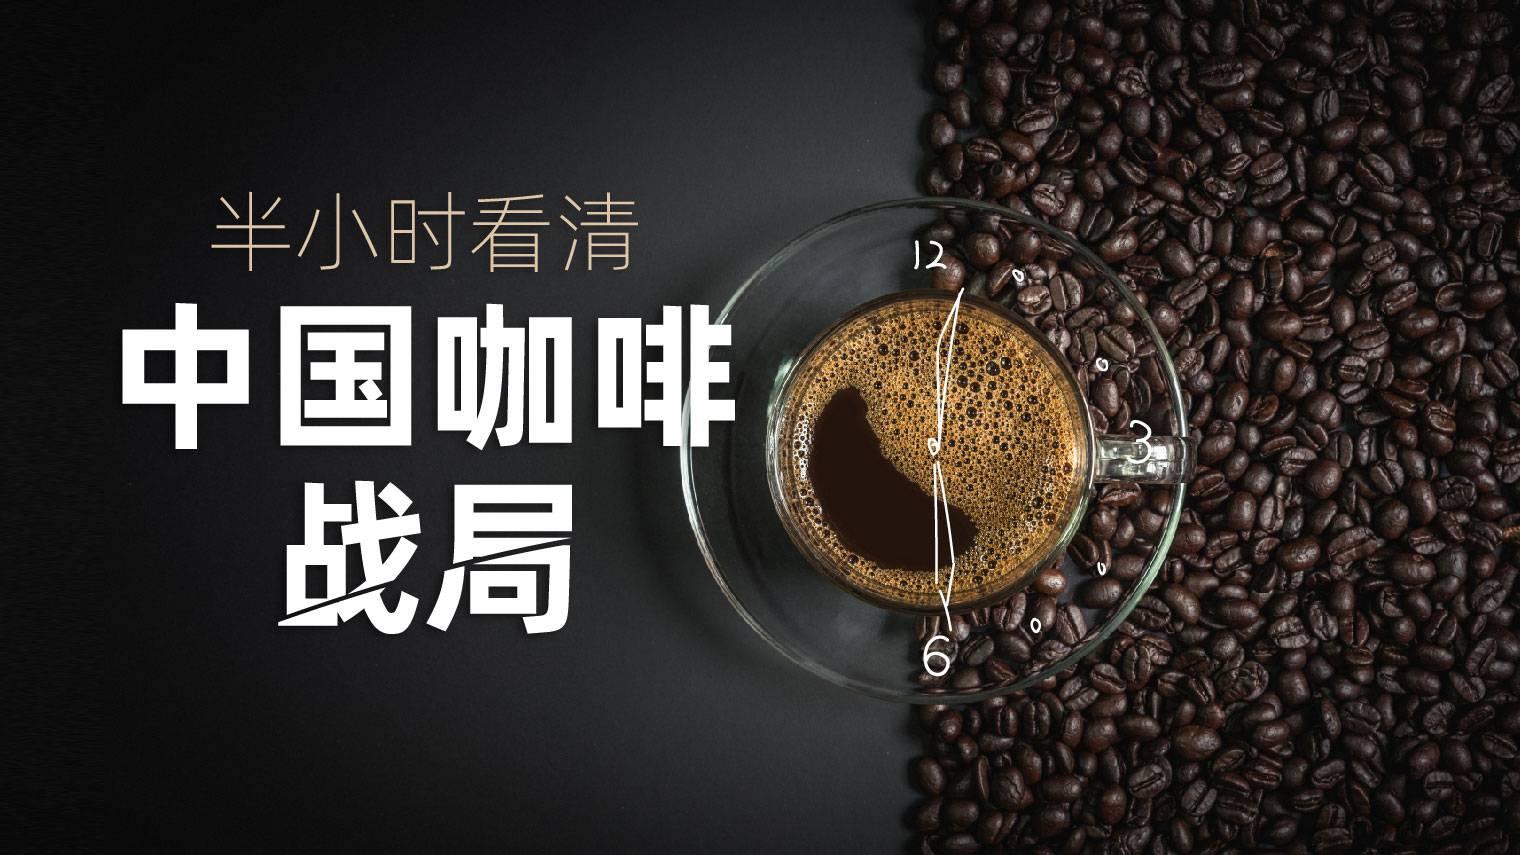 咖啡还是不是门好生意?